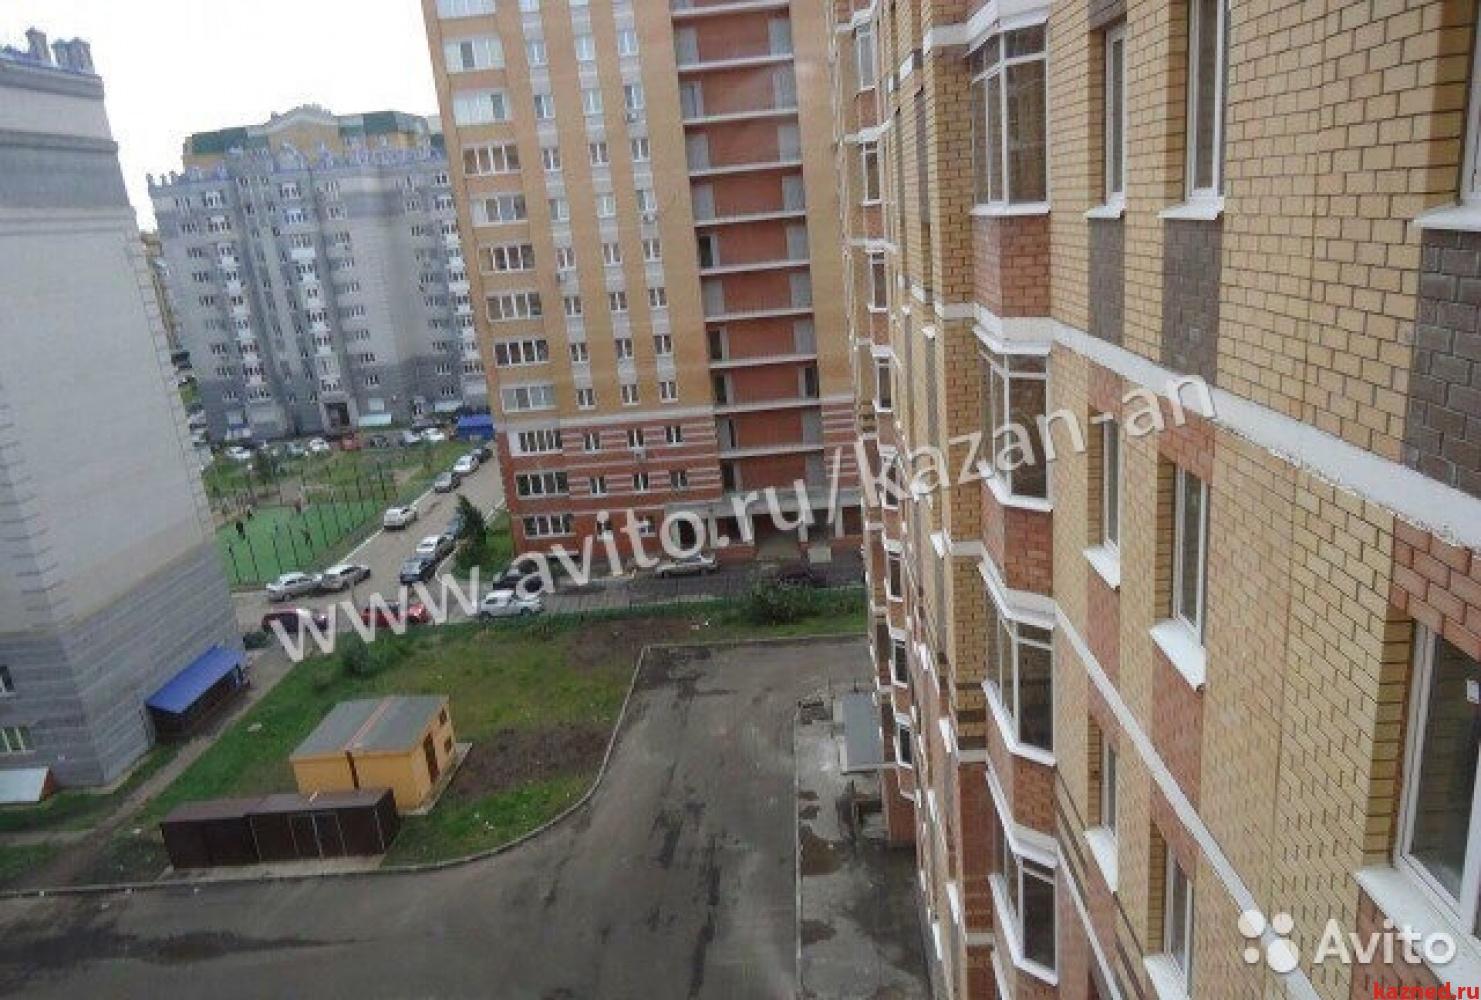 Продажа 2-к квартиры Четаева 12, 51 м²  (миниатюра №1)